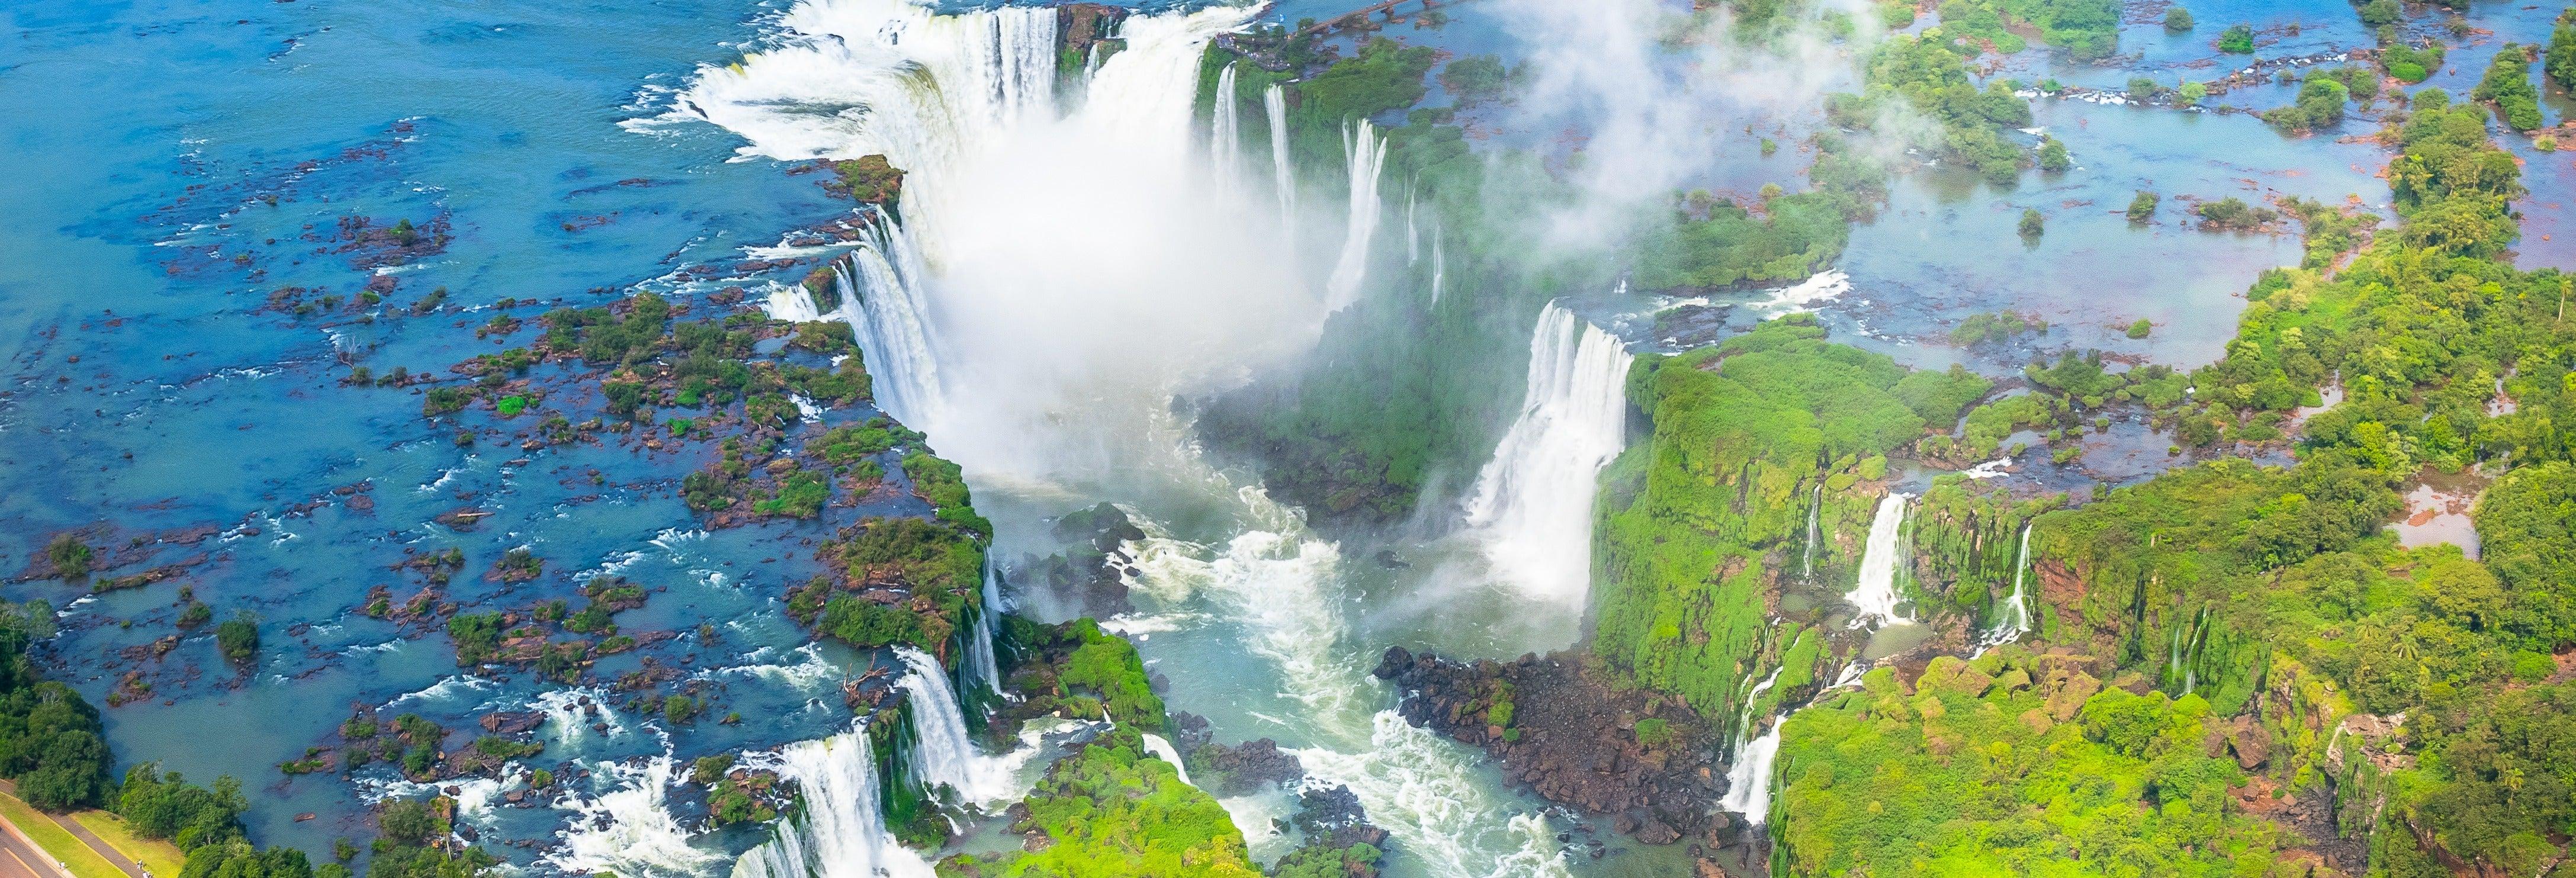 Excursão privada às Cataratas do Iguaçu